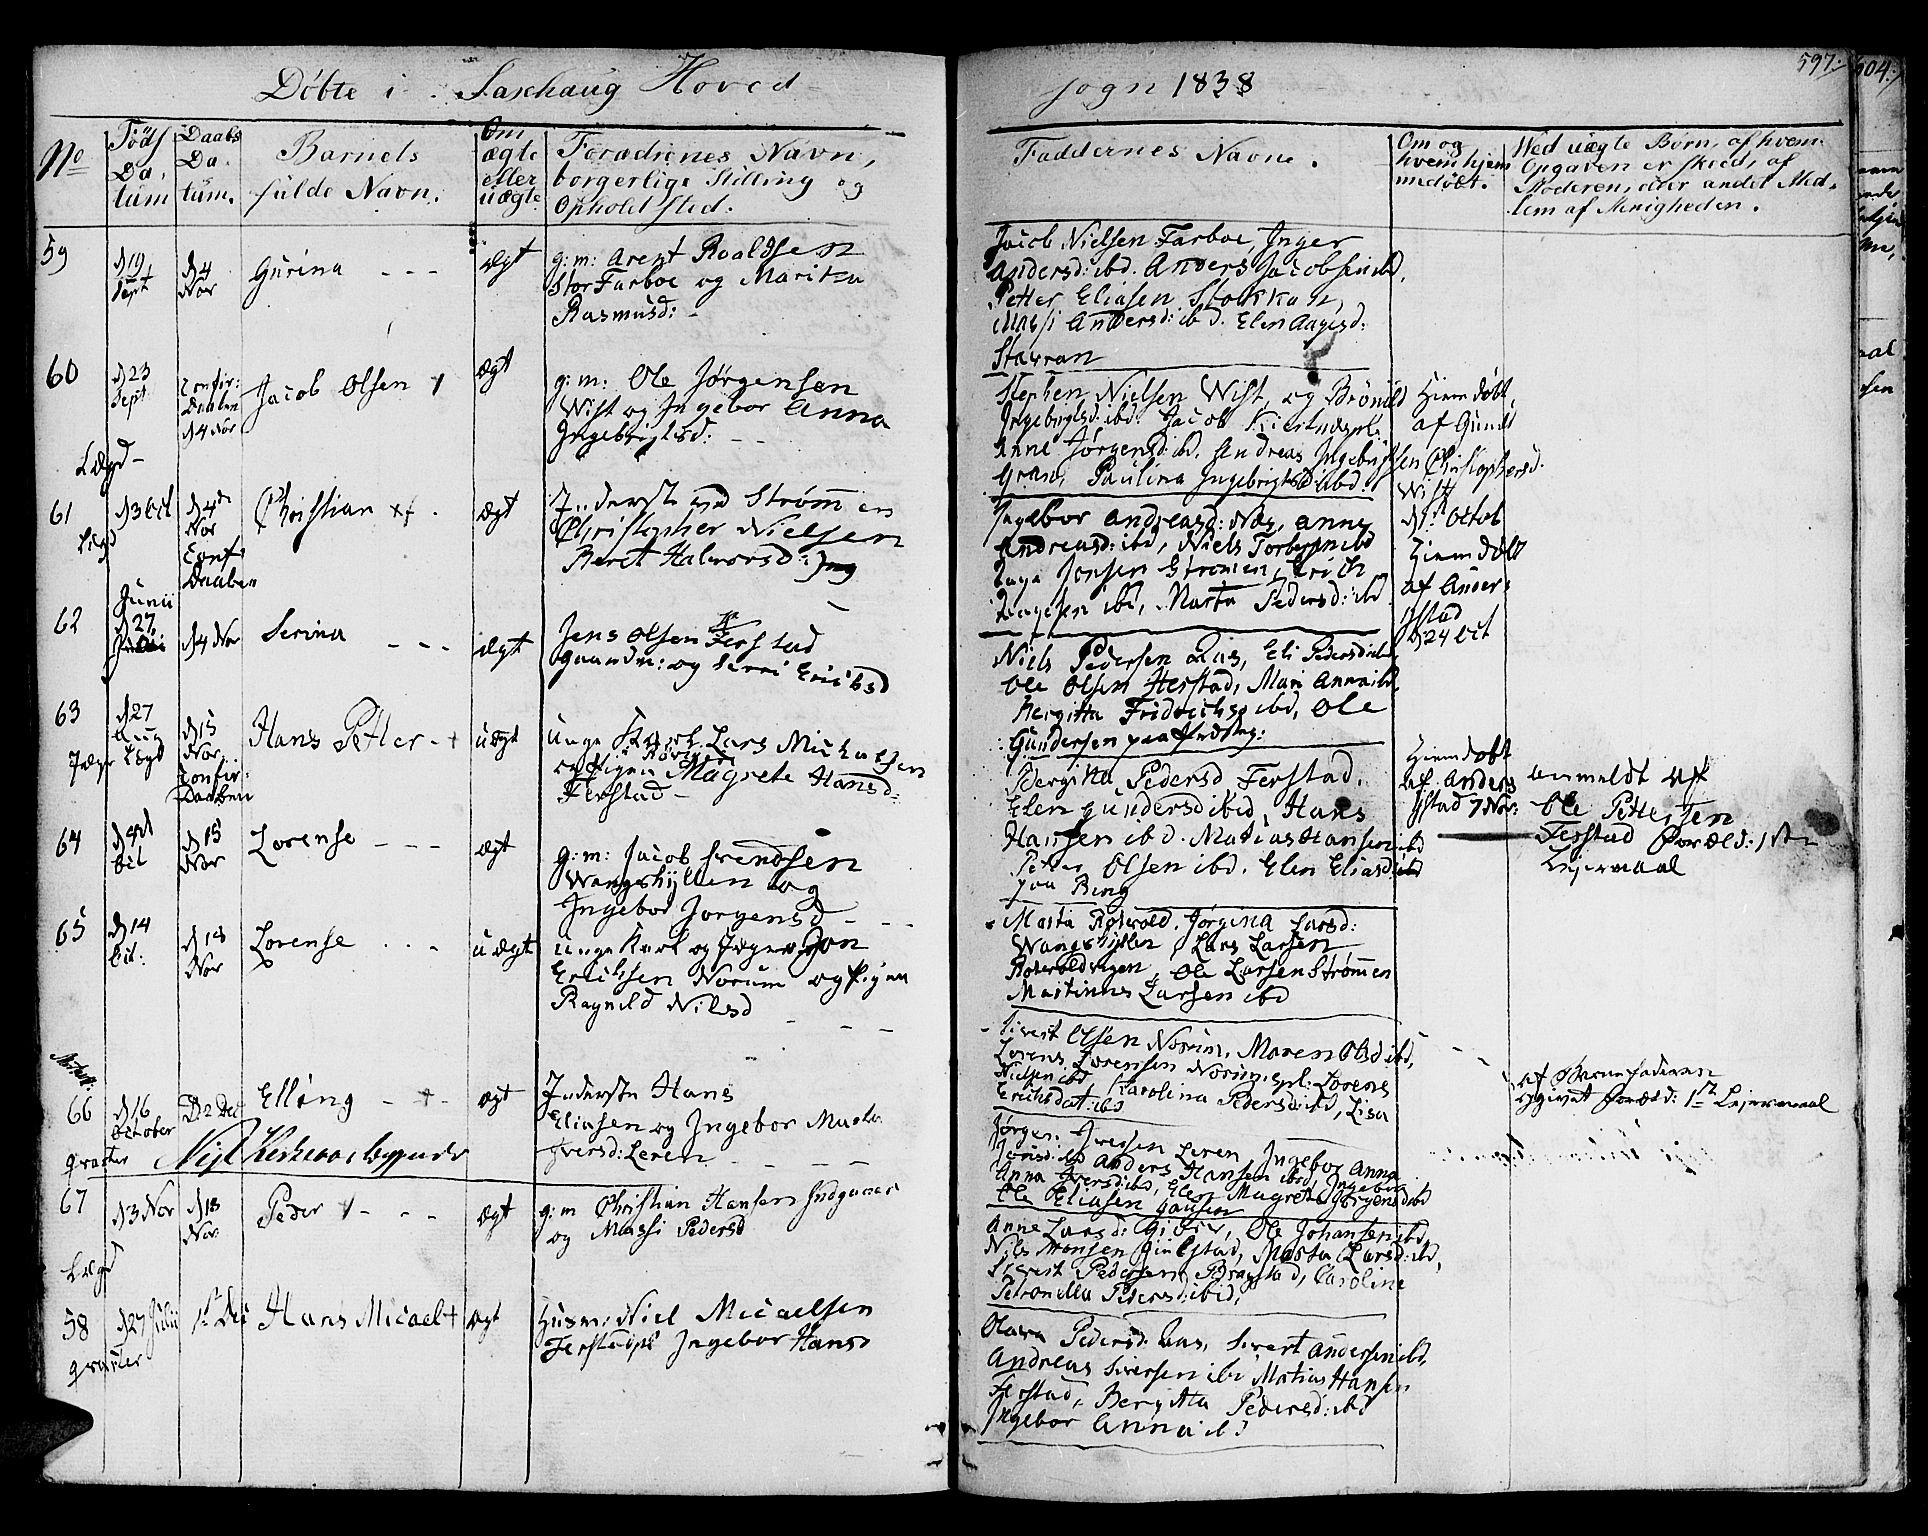 SAT, Ministerialprotokoller, klokkerbøker og fødselsregistre - Nord-Trøndelag, 730/L0277: Ministerialbok nr. 730A06 /1, 1830-1839, s. 597